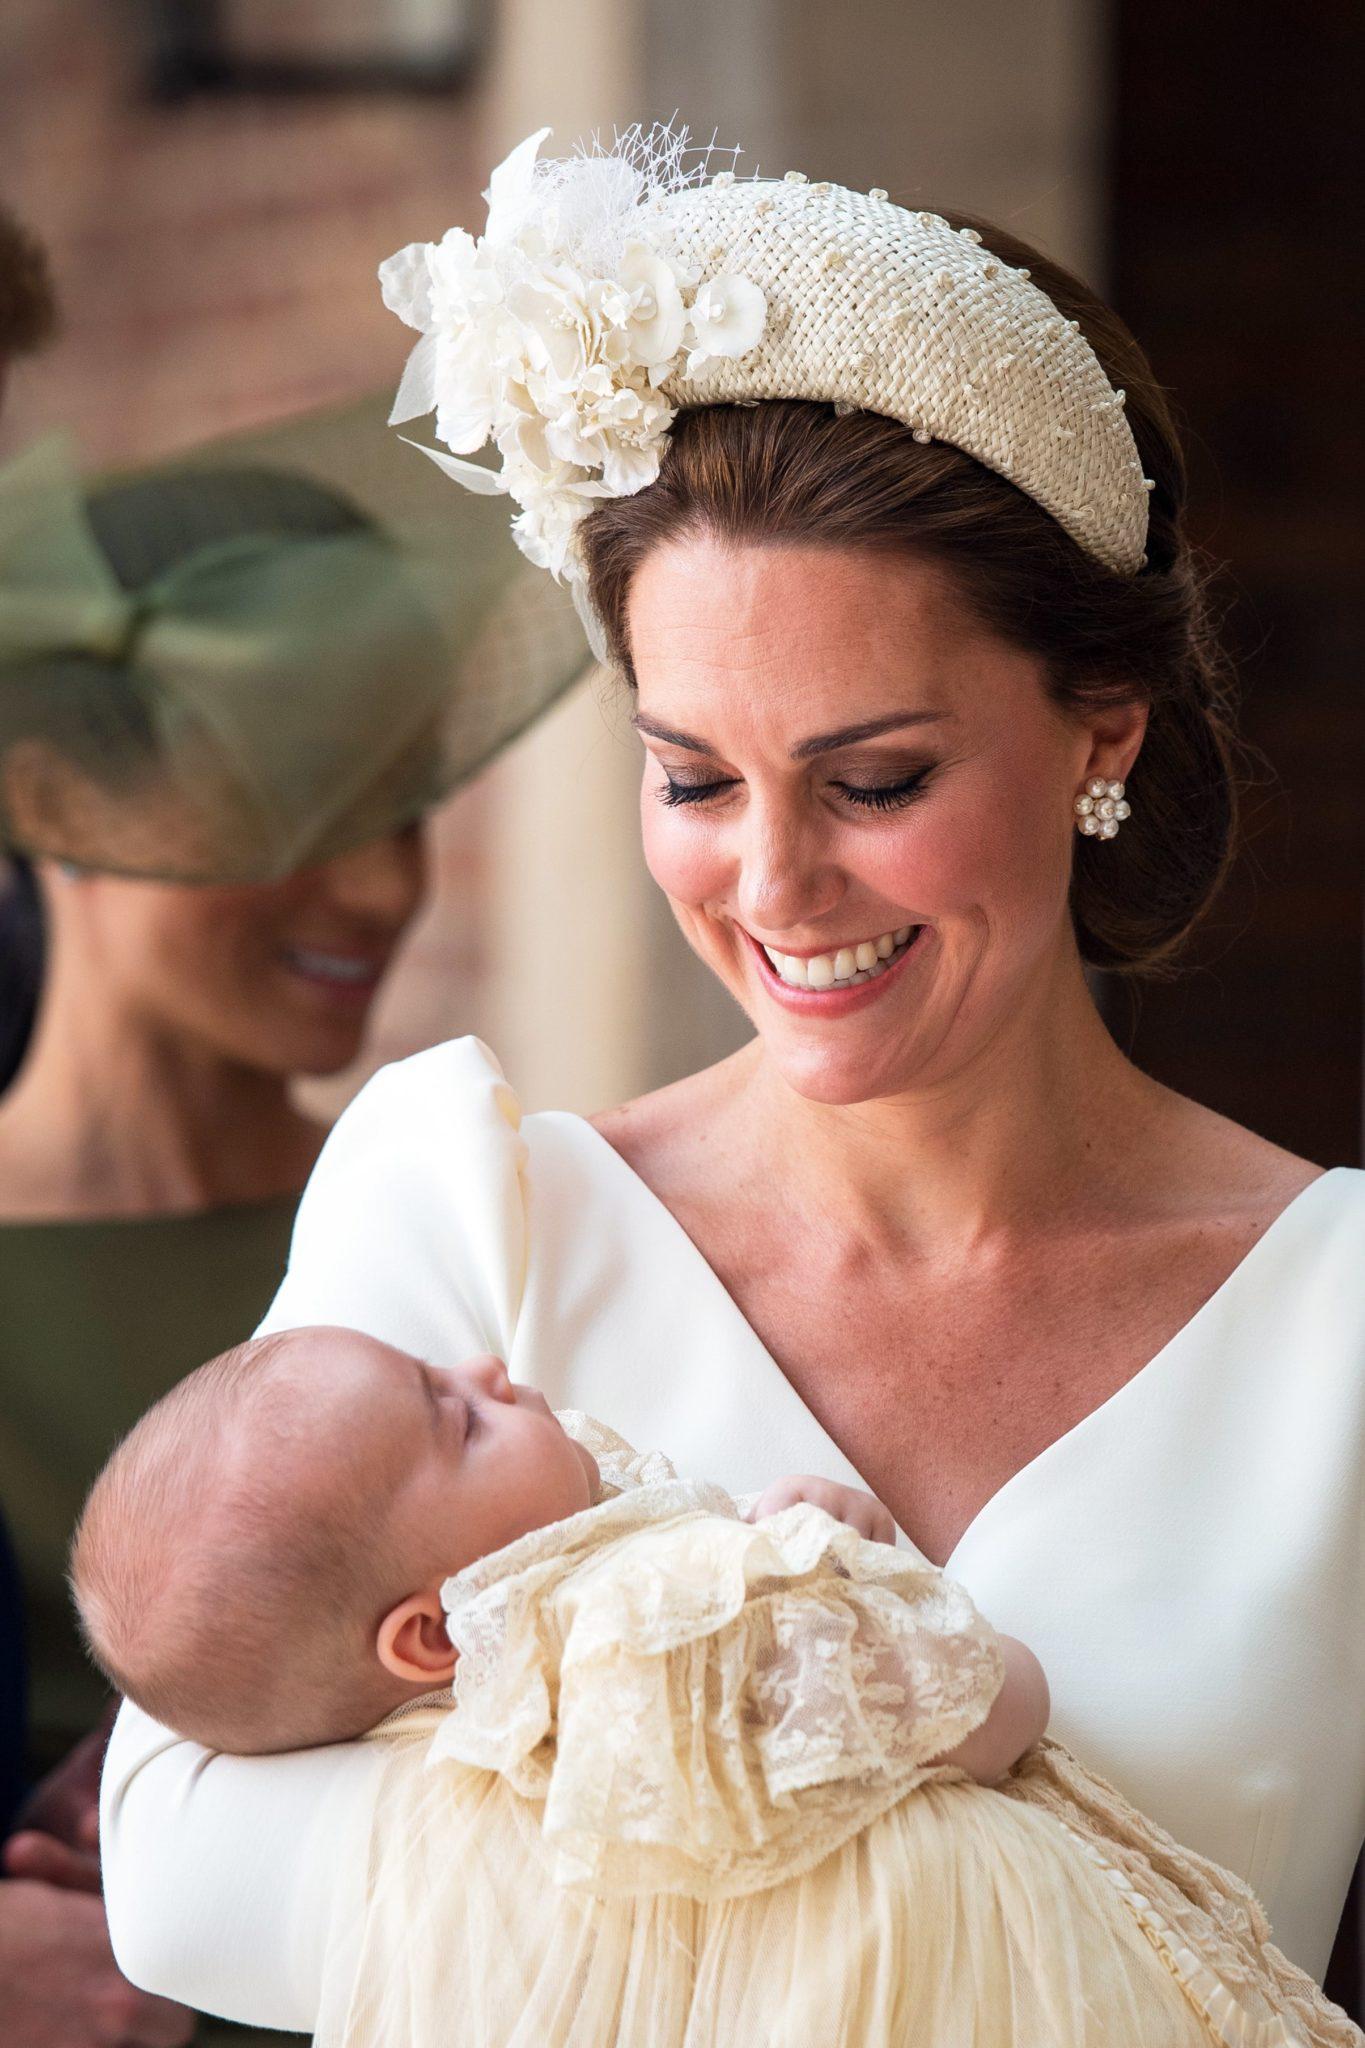 Brytyjska księżna Kate wraz z synem, księciem Ludwikiem, uczestniczą w chrzcinach księcia Ludwika w pałacu św. Jamesa w Londynie, fot: PAP, EPA